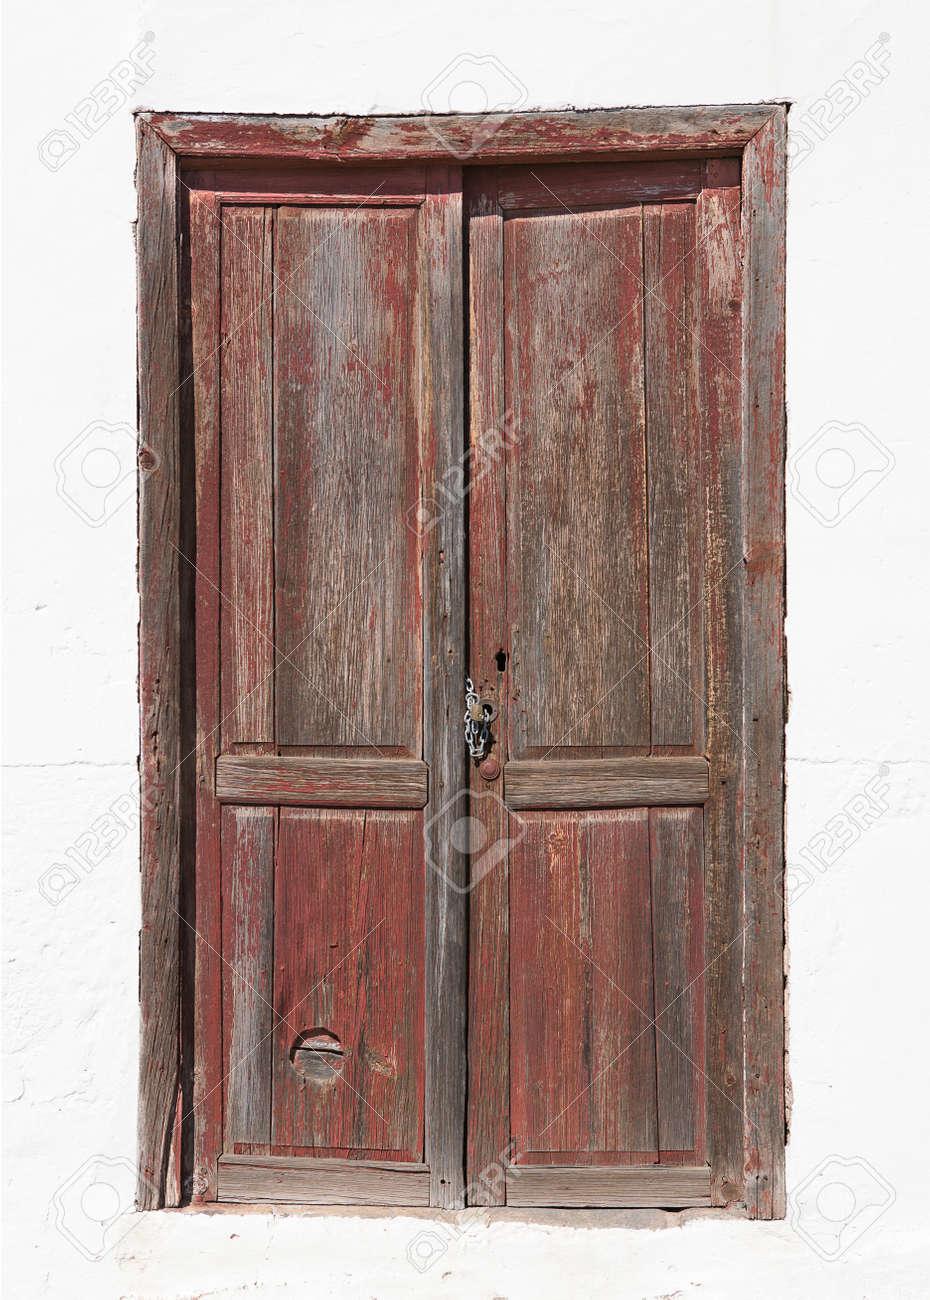 Antigua Puerta De Madera De Color Marron En Una Fachada Recien Pintada De Una Casa En La Gomera Islas Canarias Espana